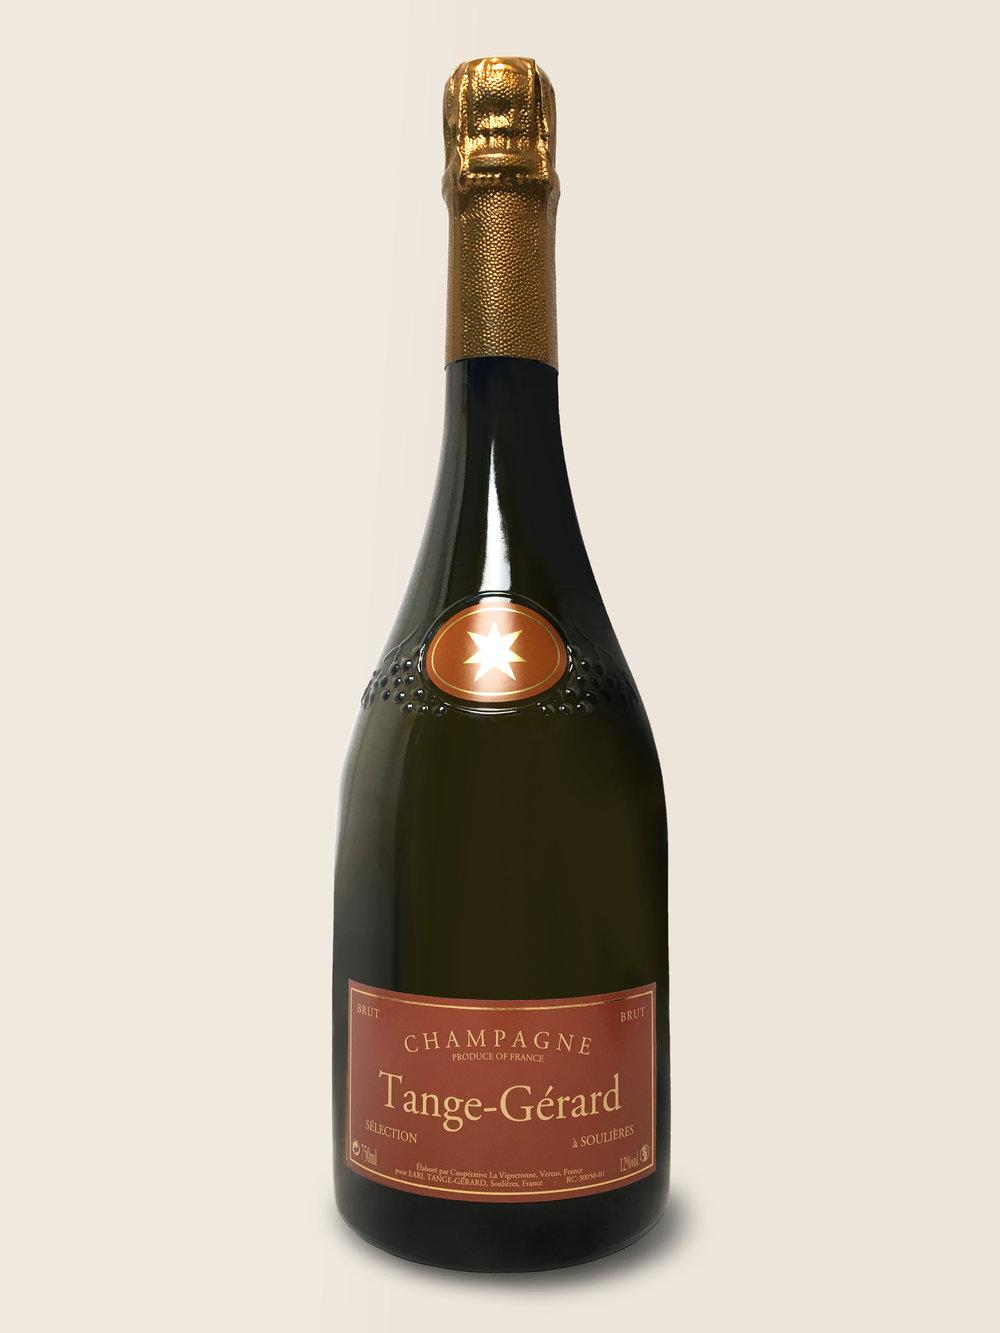 Selection - Denne champagne er perfekt til alt, hvad du kan finde på: Den er dejlig som aperitif, men du kan roligt tage den med til bordet hele vejen fra hummer over svampe eller and og til en vinterost som Mont d'Or.